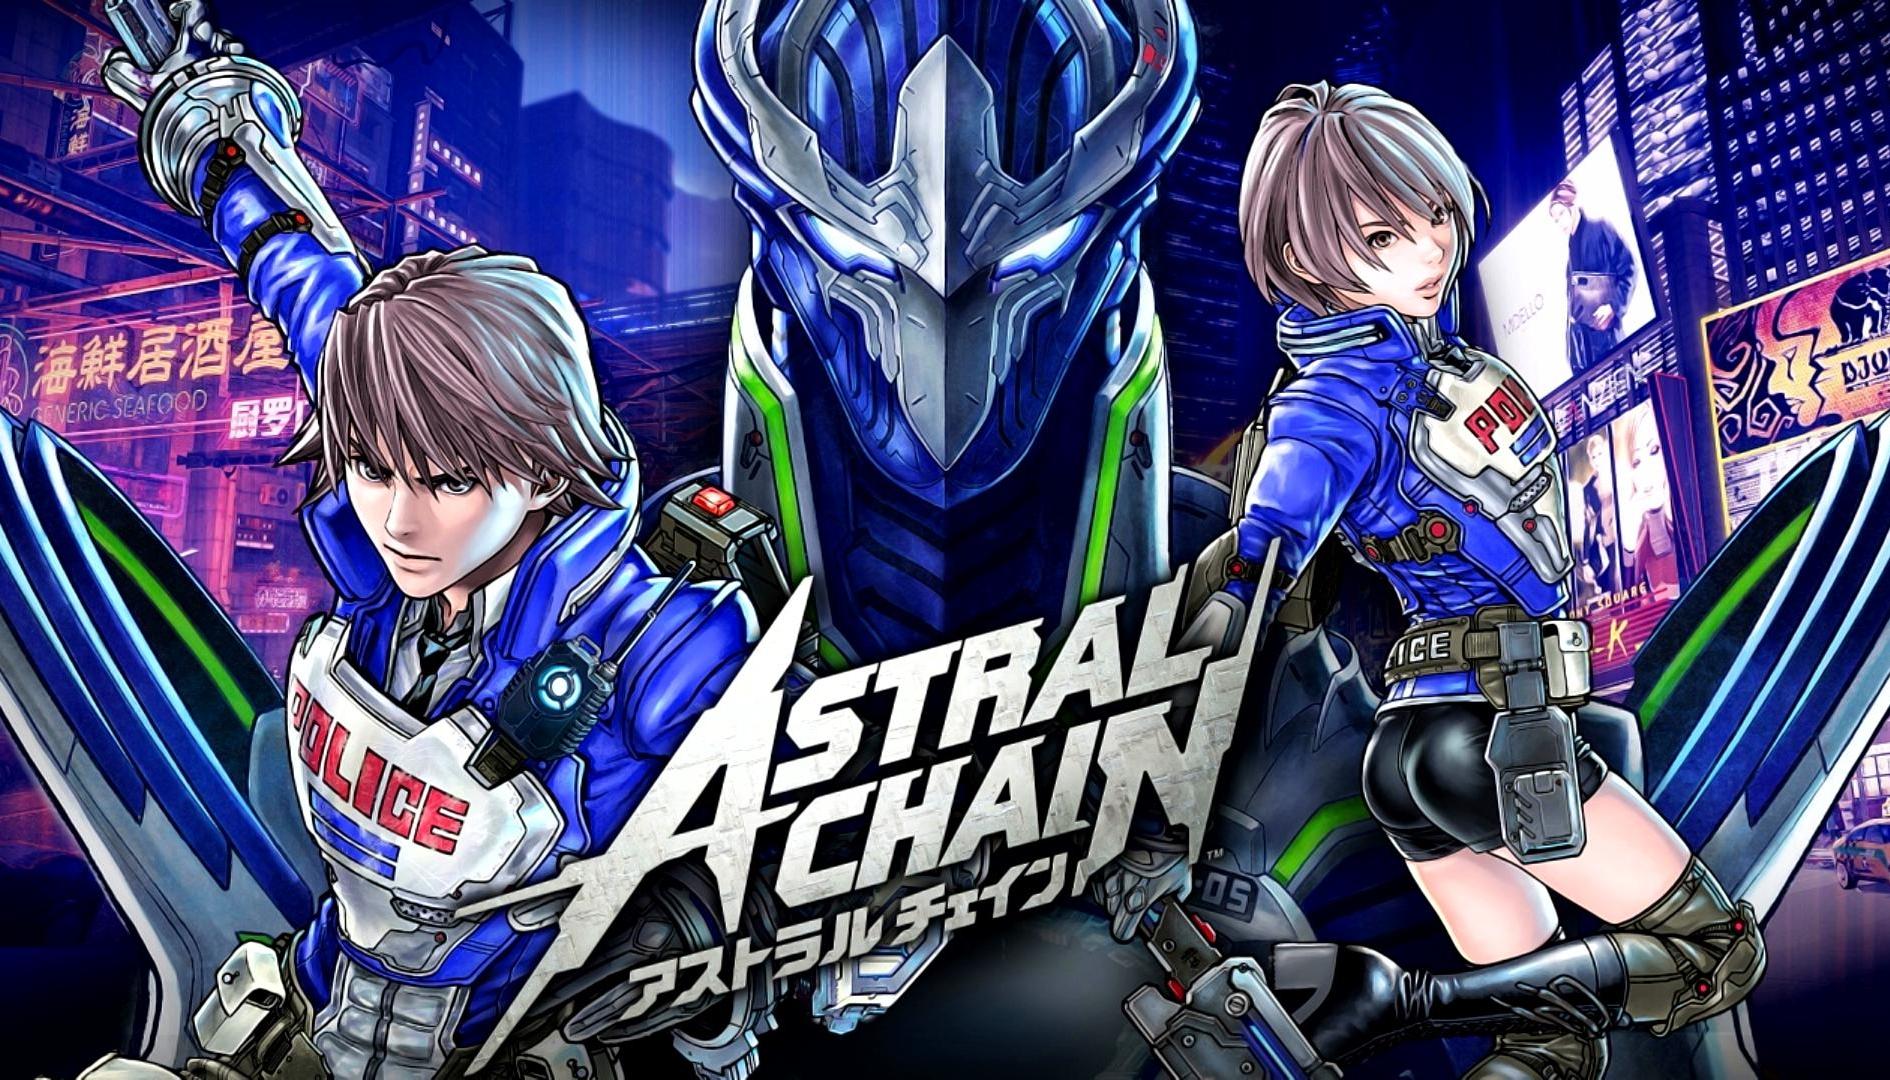 Astral Chain: i videogiocatori stanno riempiendo il titolo di recensioni negative